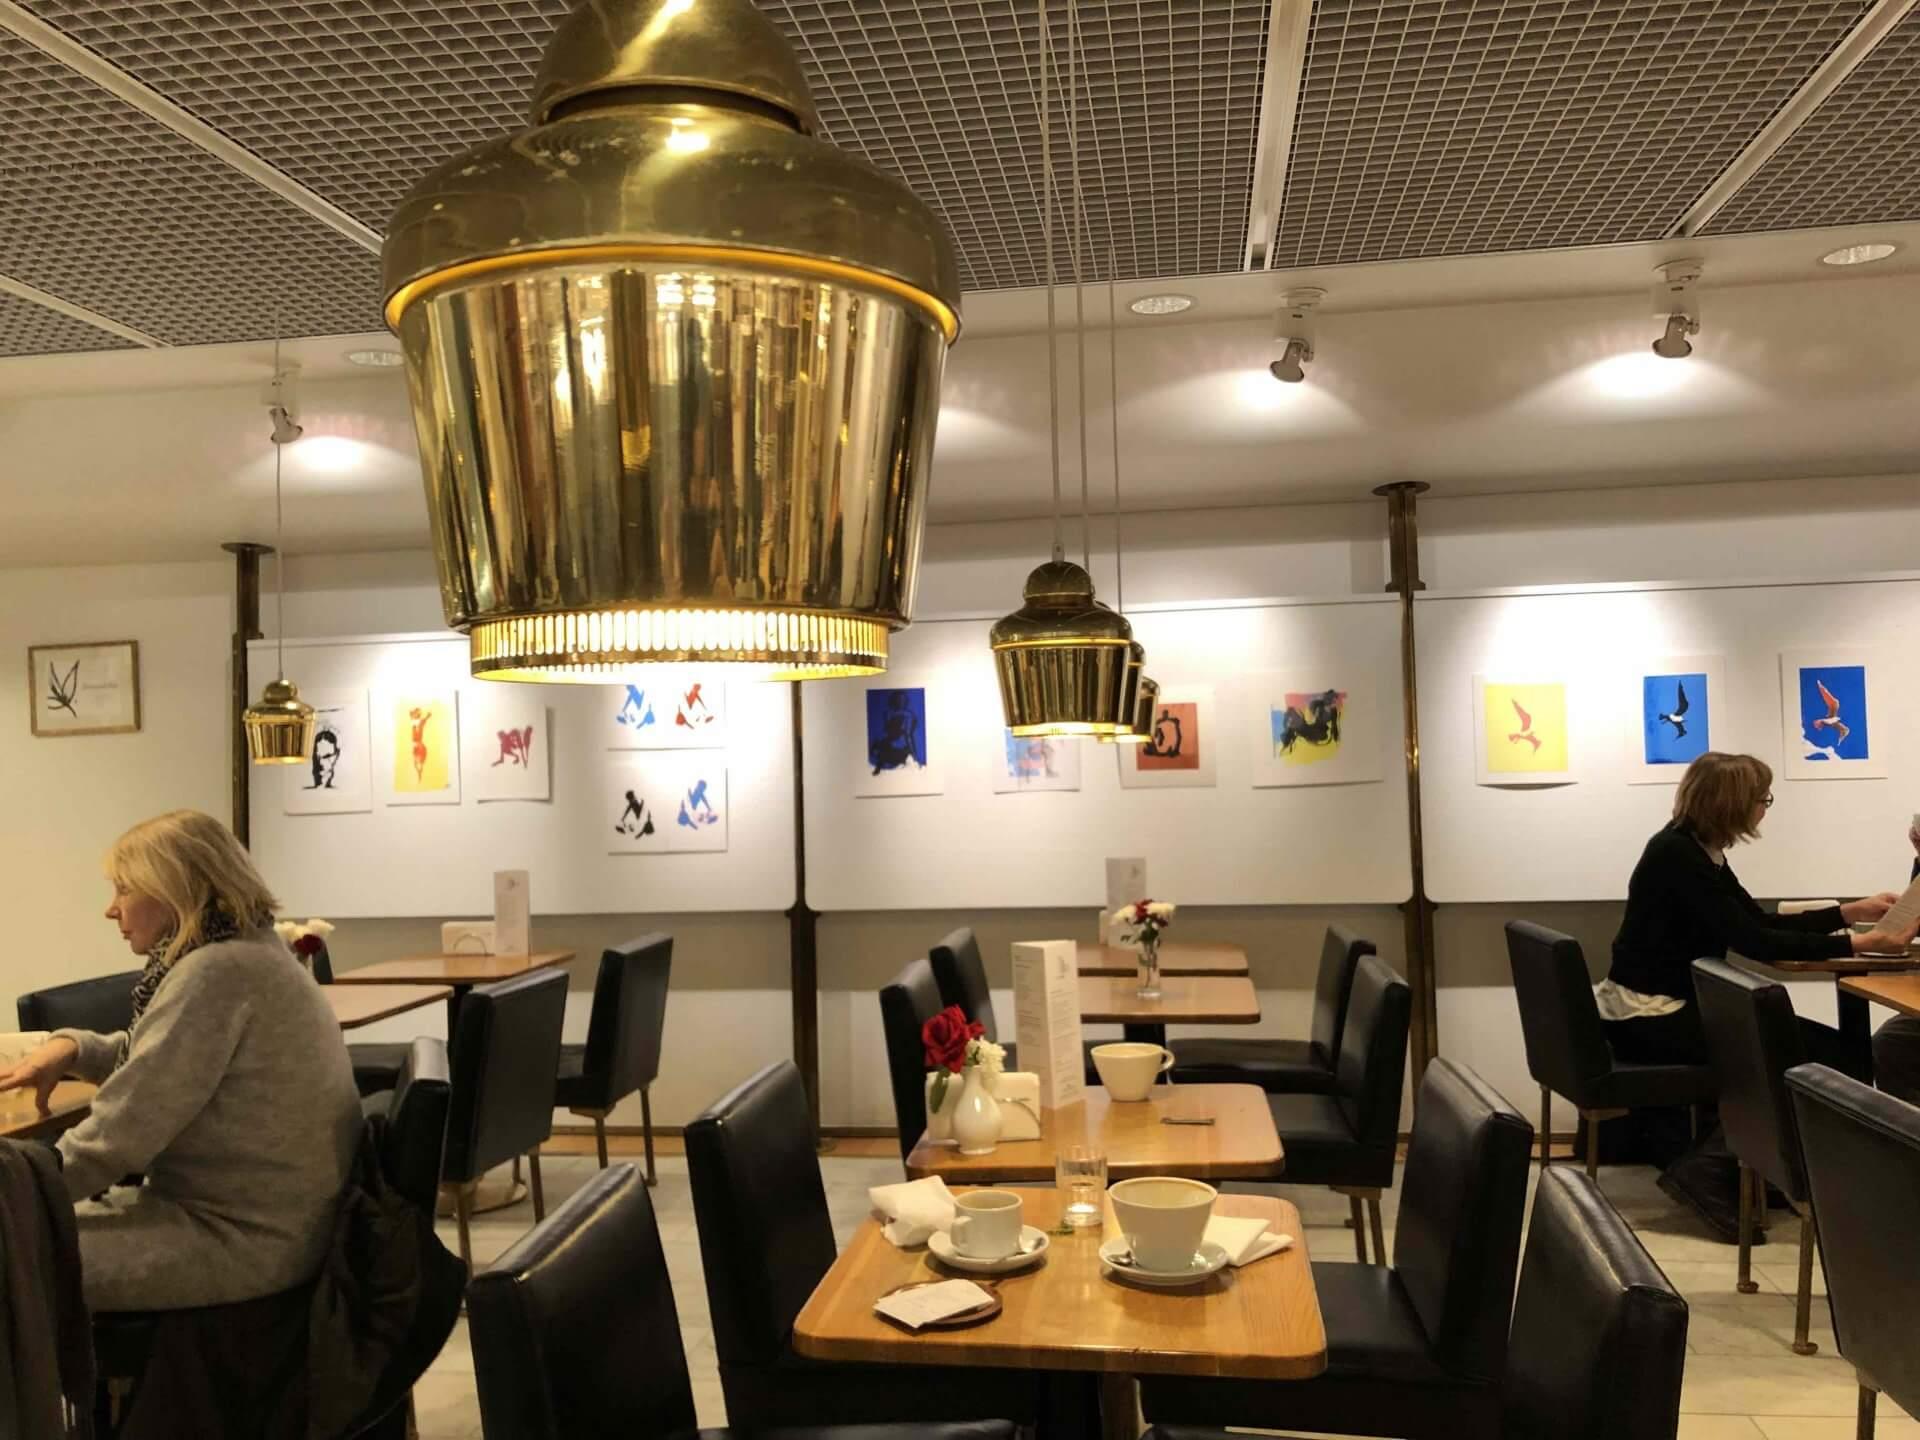 カフェ・アアルトで使われているランプ